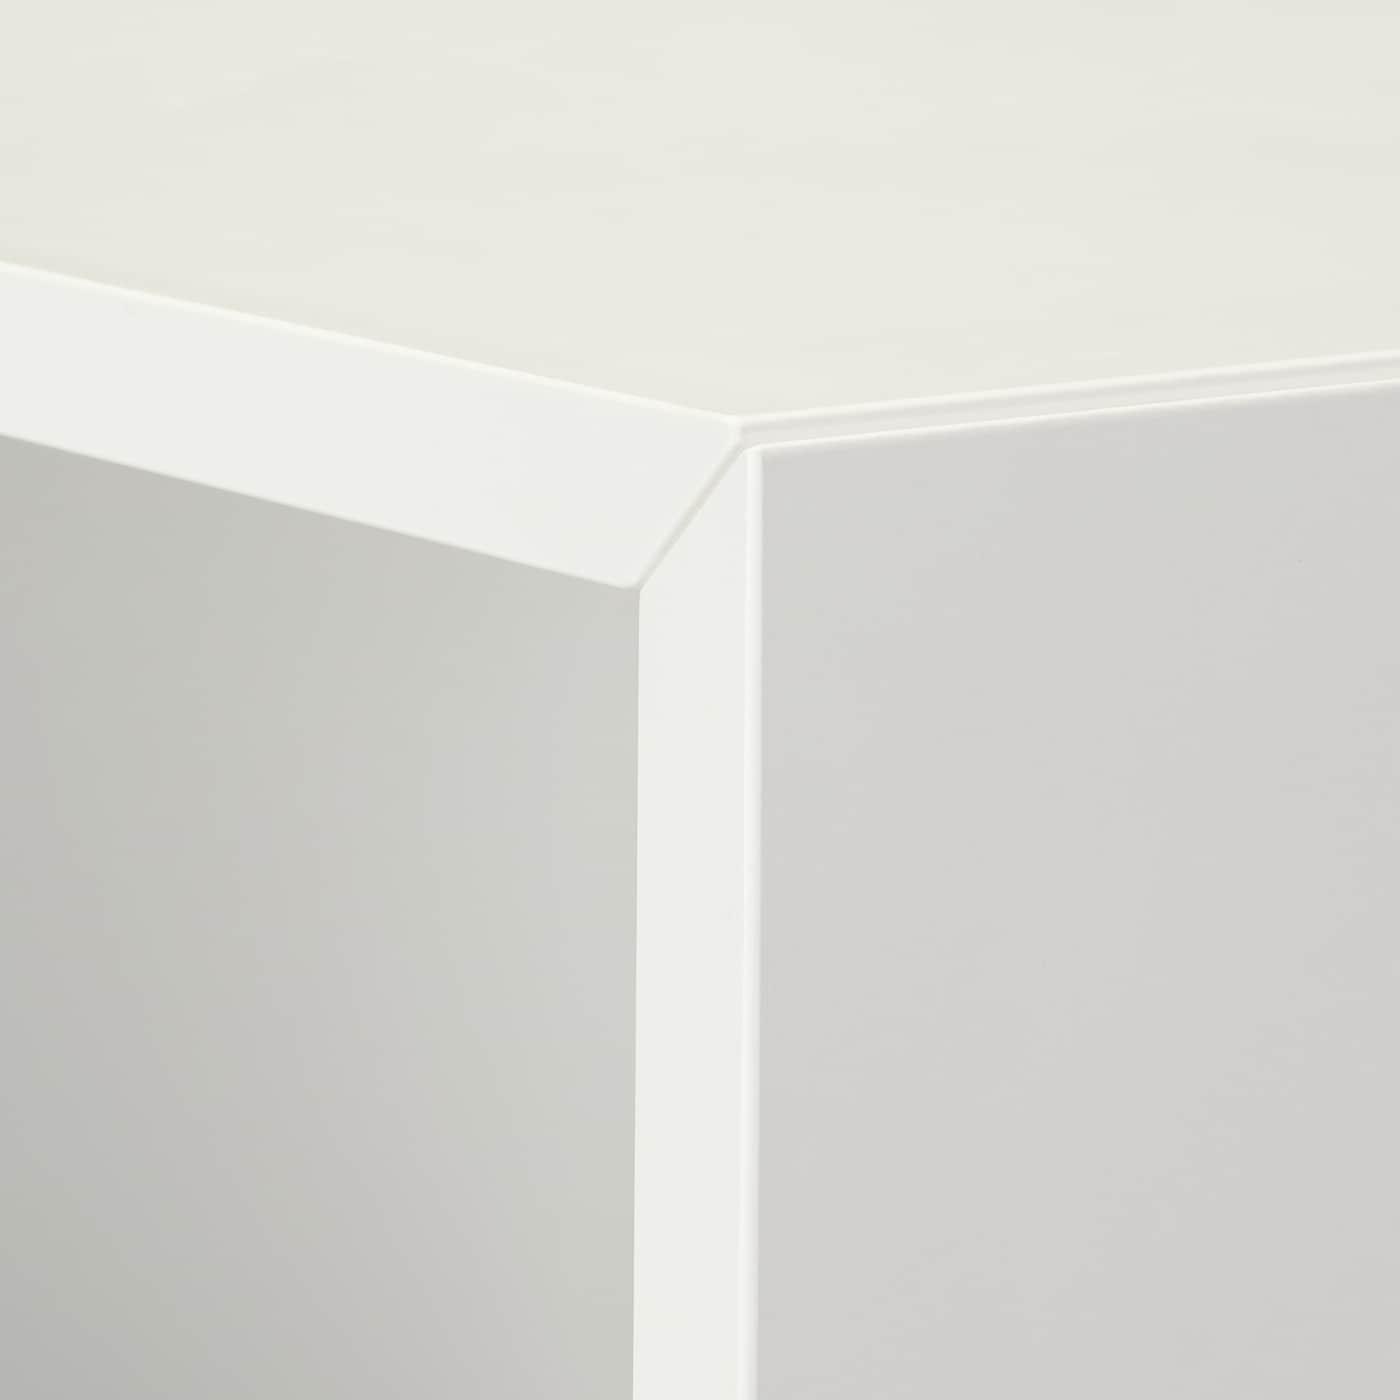 EKET skříňka bílá 35 cm 25 cm 35 cm 5 kg